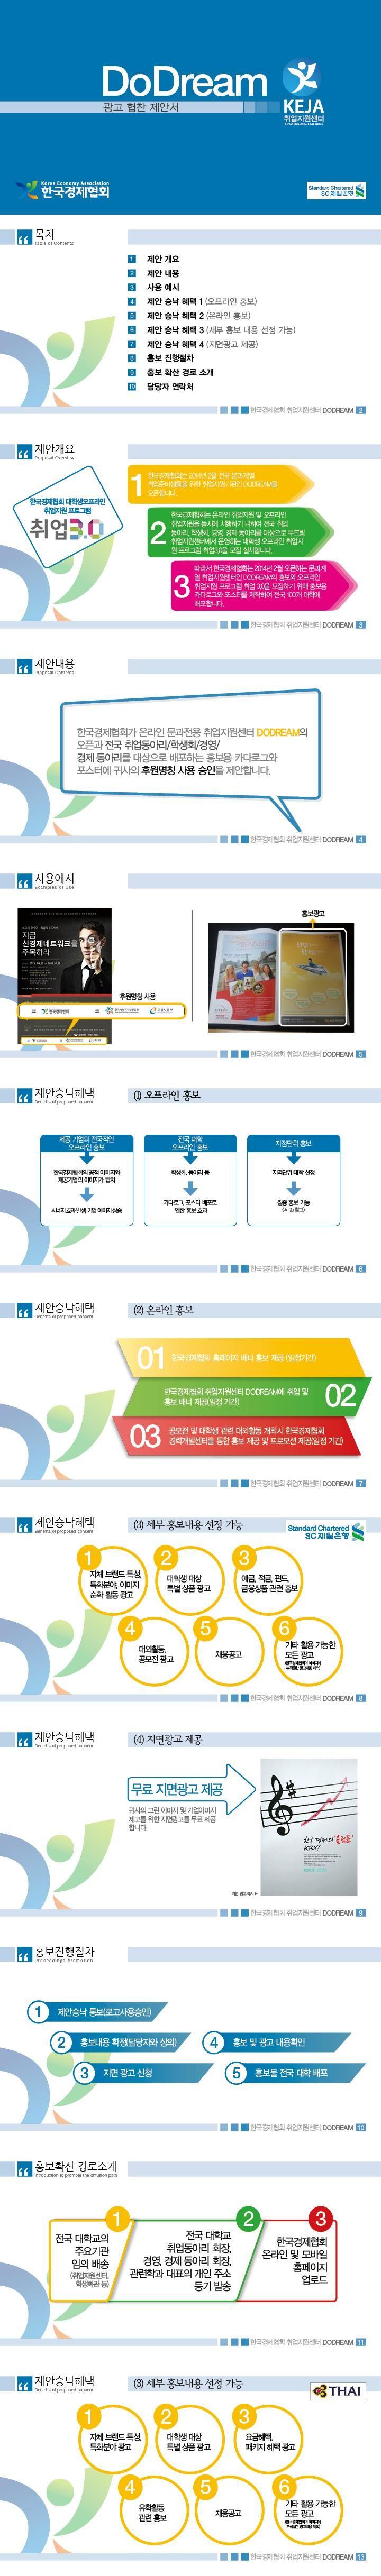 [PPT 디자인] 한국경제협회 광고협찬 제안서